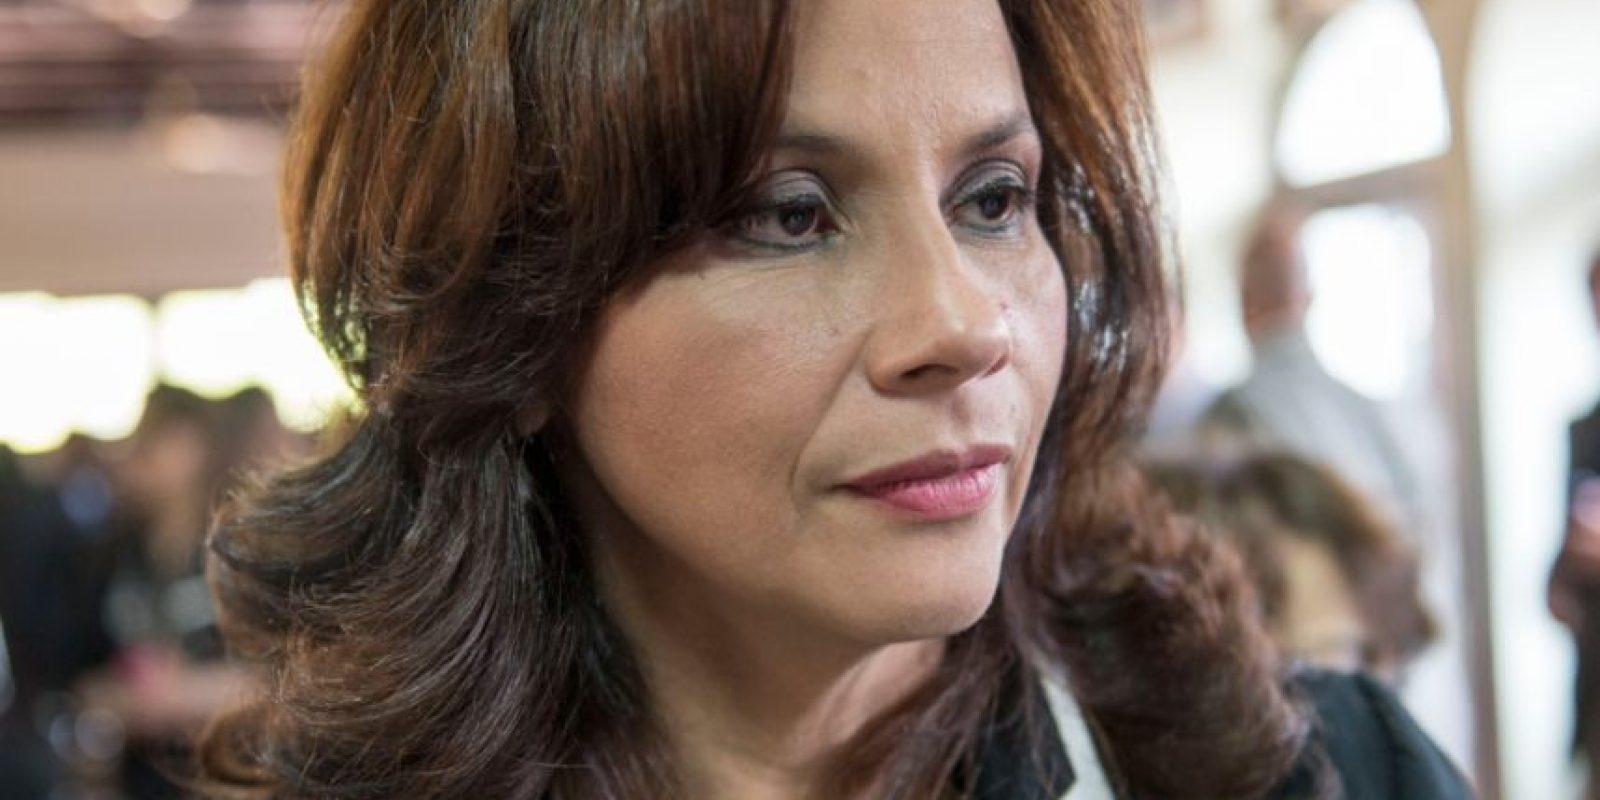 """Elvia Ester Velásquez, magistrada electa: """"Quedó claro que los argumentos fueron para revisar el proceso lo que se entiende que nuestra elección fue en ley y debemos tomar poseción de los cargos designados por el Congreso""""."""